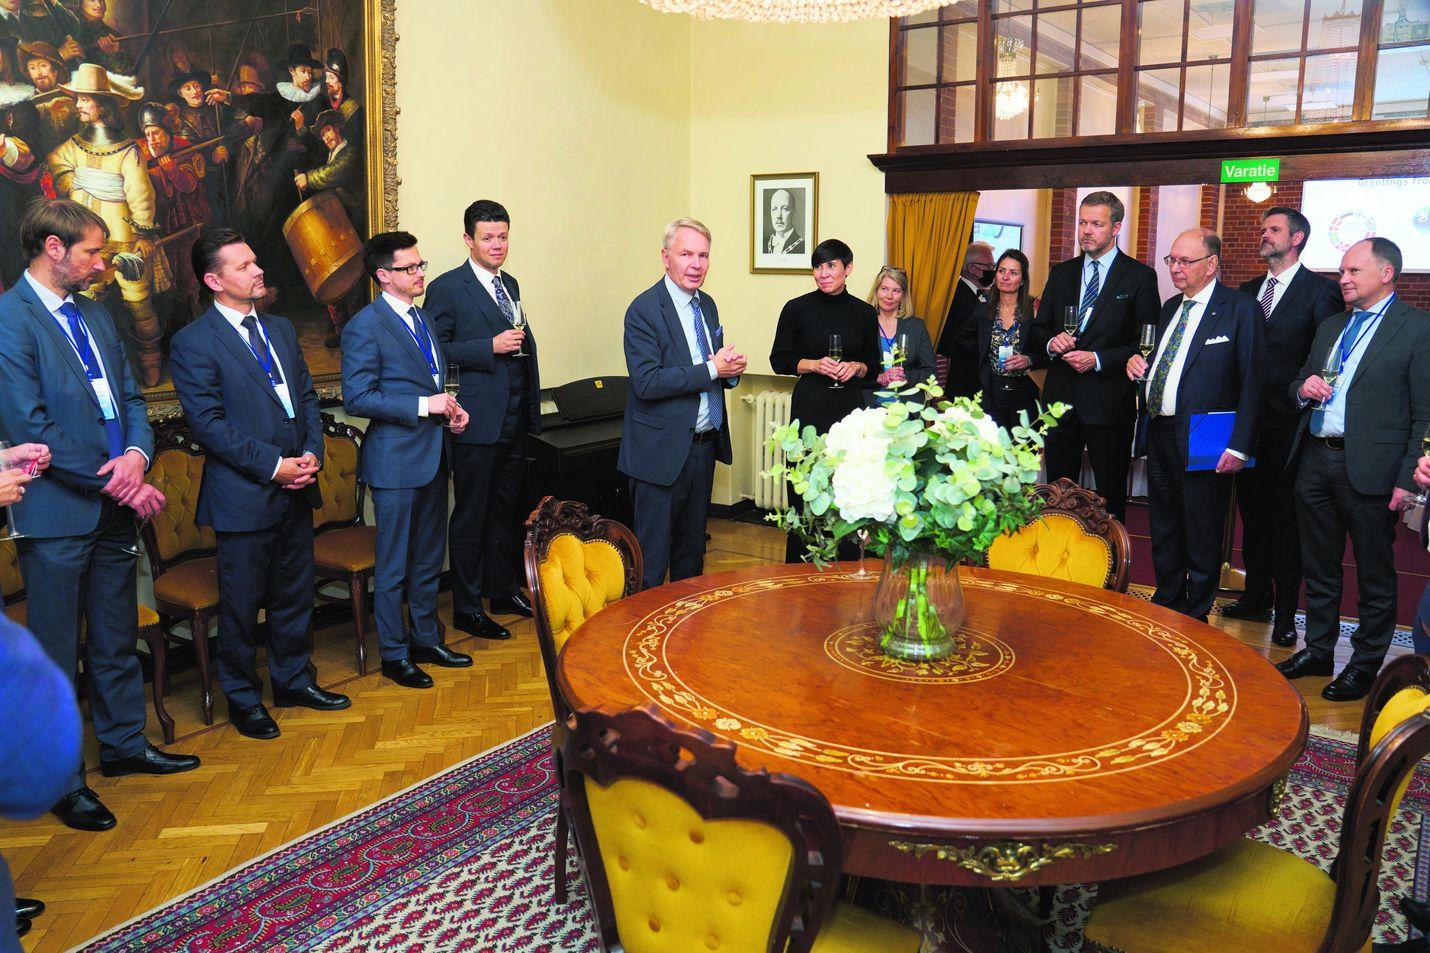 Pekka Haavisto isännöi Pohjoismaiden ja Baltian maiden ulkoministereitä illallisella Vanajanlinnassa keskiviikkona päättyneessä kokouksessa. Tiistaina mukana ollut Unkarin normaalisti tiukkasanainen ulkoministeri Péter Sziijártó ylisti paikkaa ihanaksi.